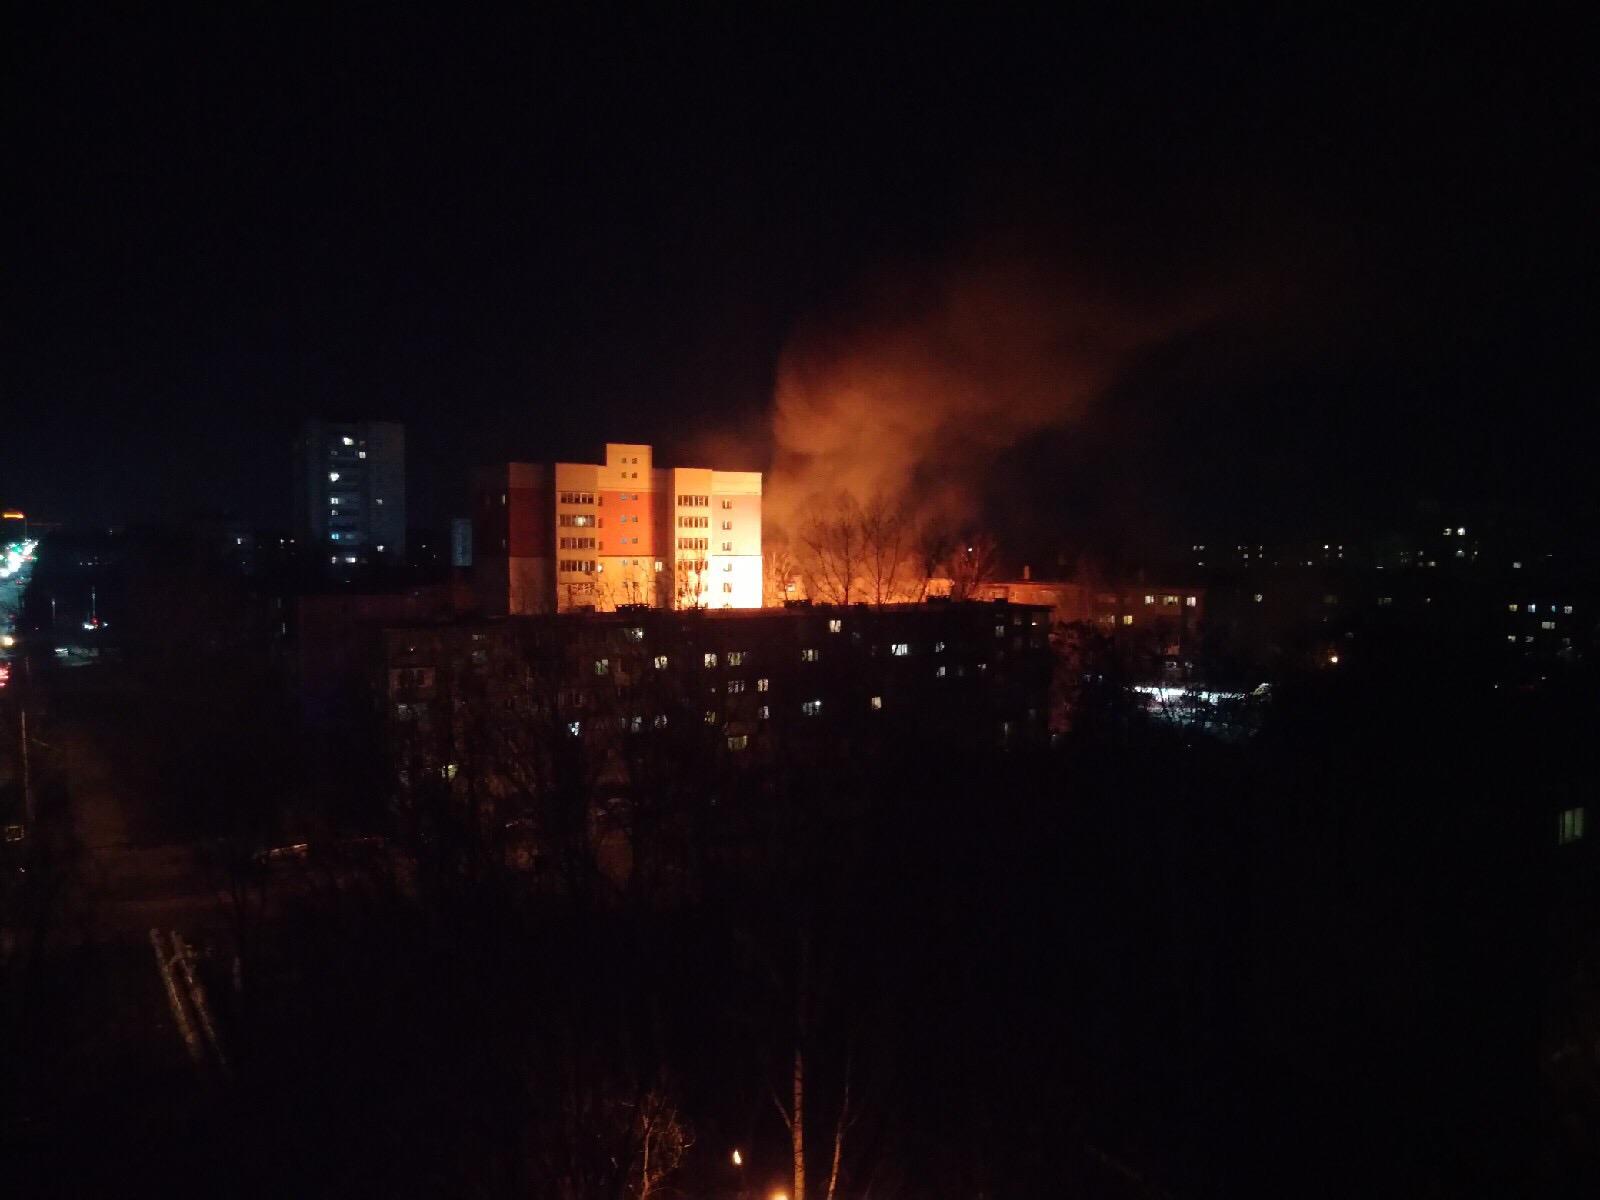 Вчера на ночь глядя на Тракторной случился пожар.